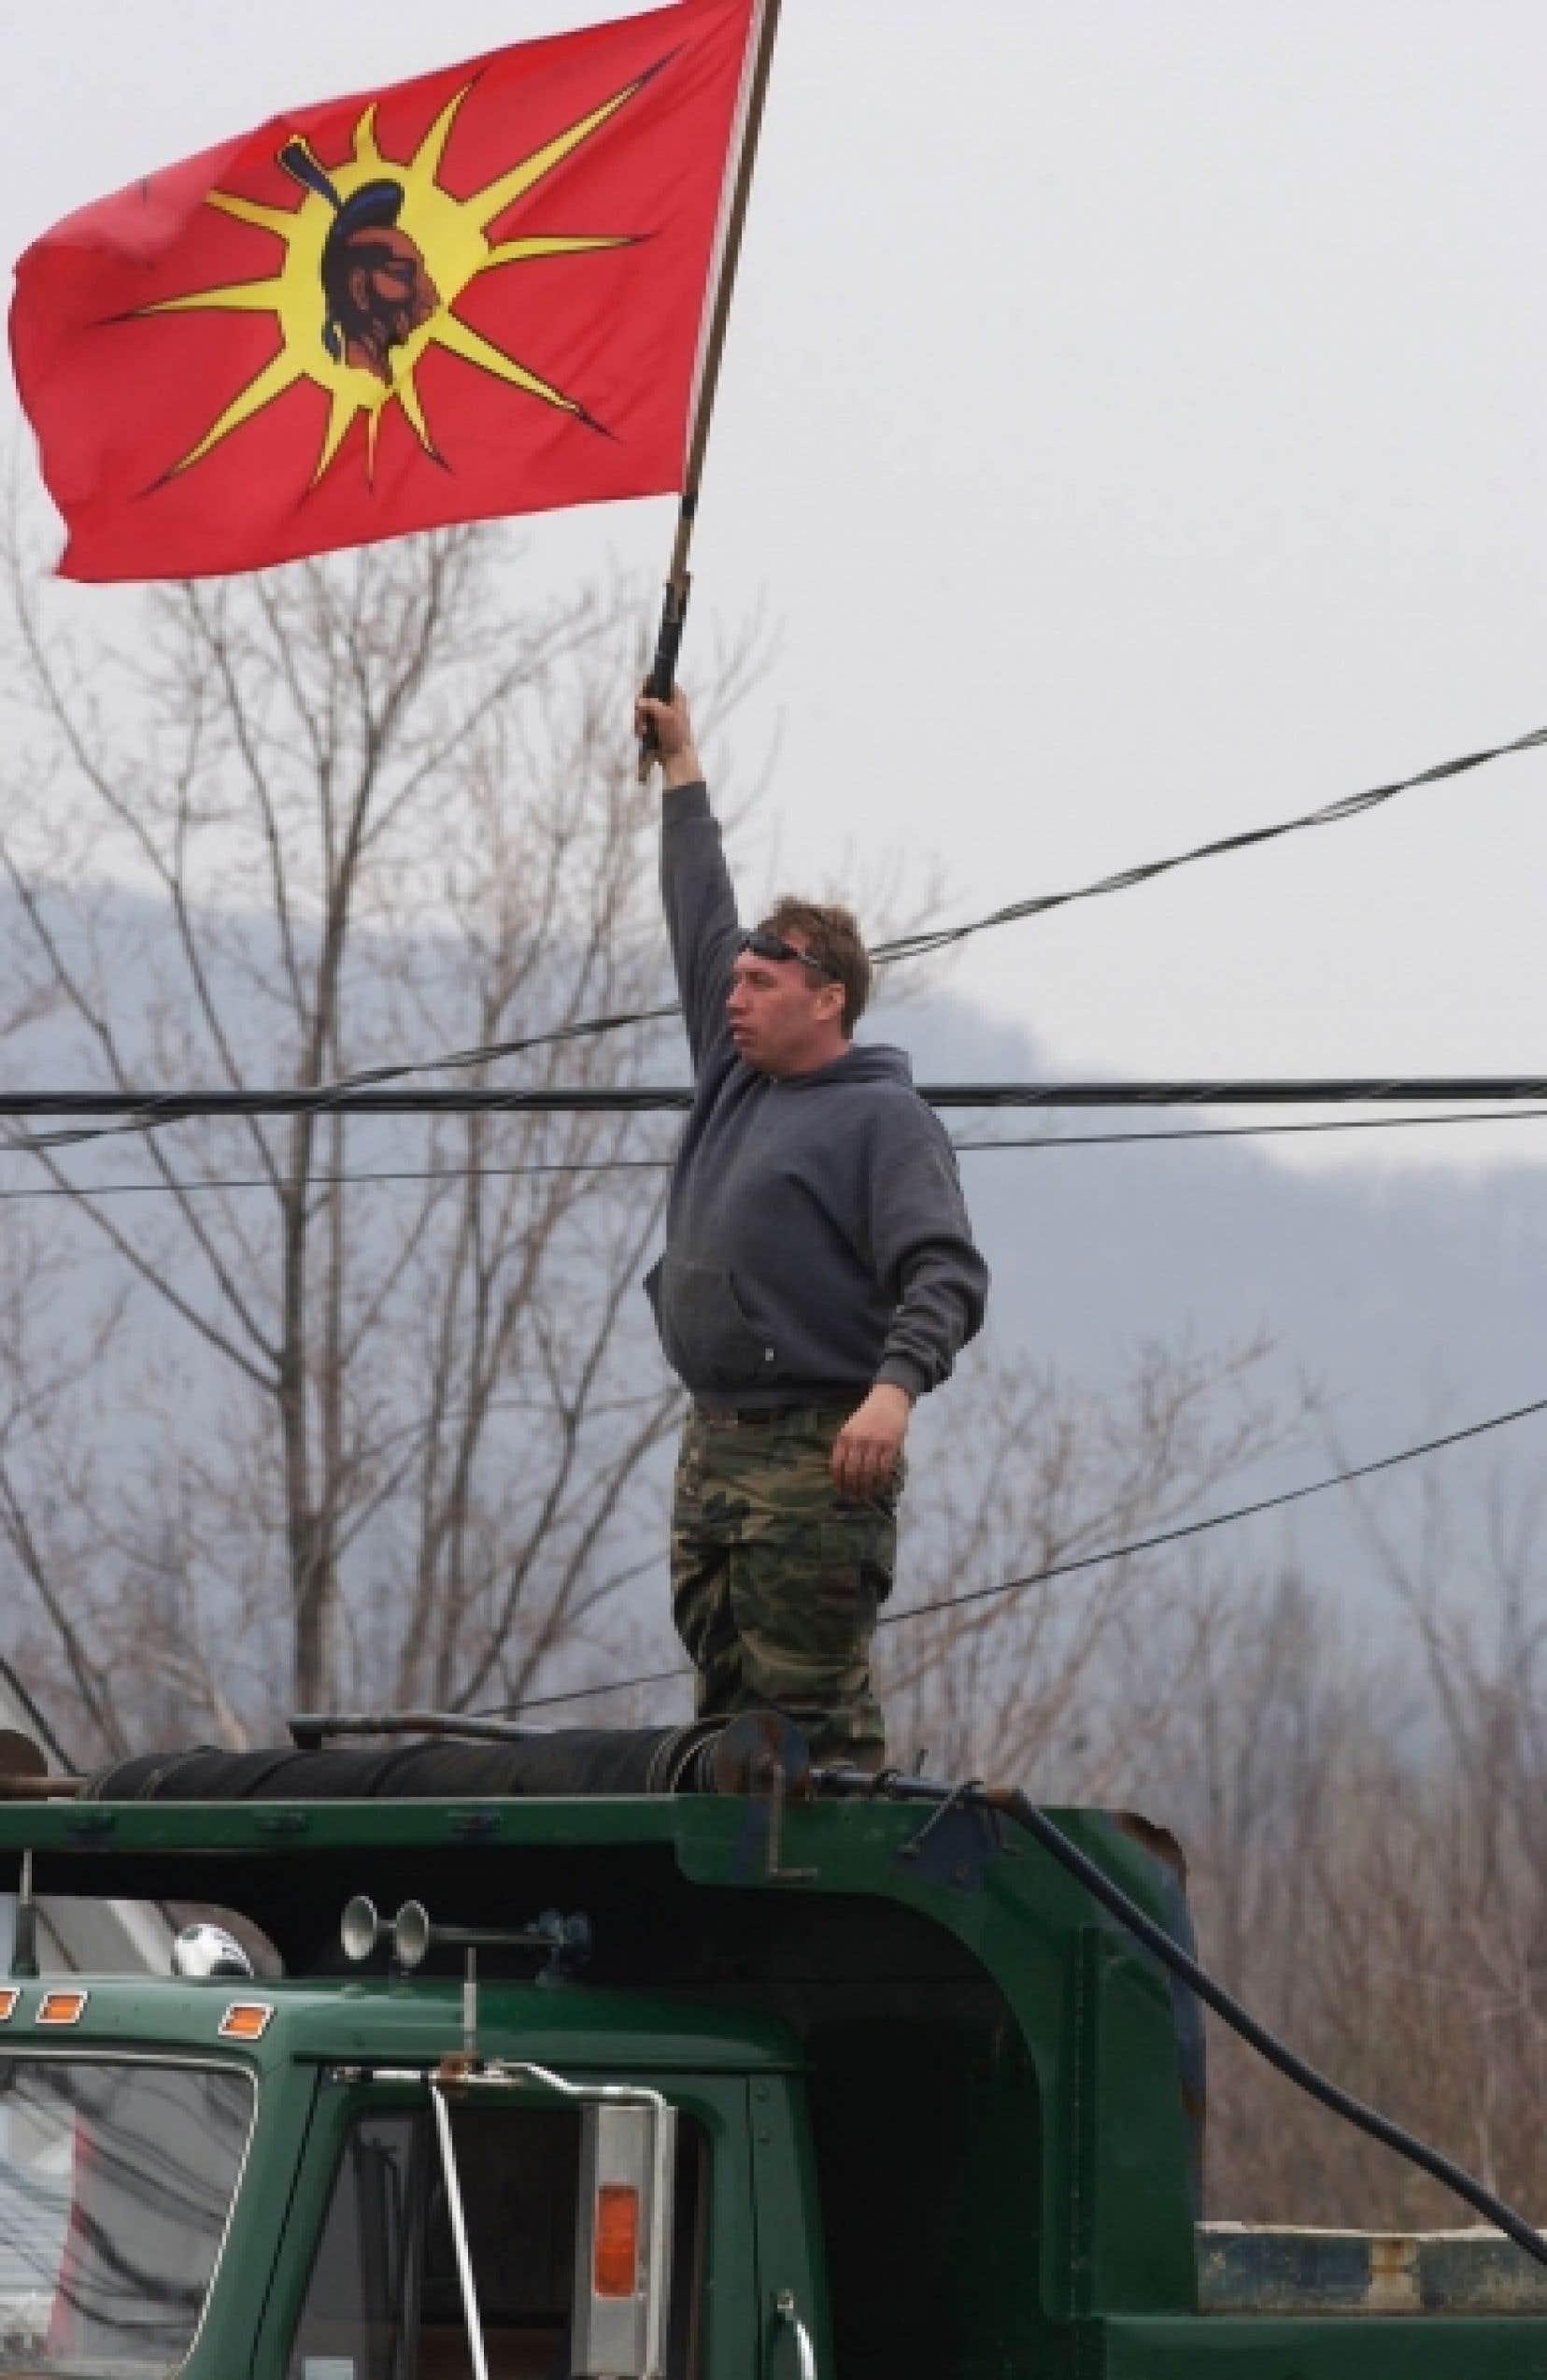 La stratégie des Guerriers de diviser et de déstabiliser la Sûreté du Québec, dès son arrivée à Oka, a manifestement bien fonctionné<br />